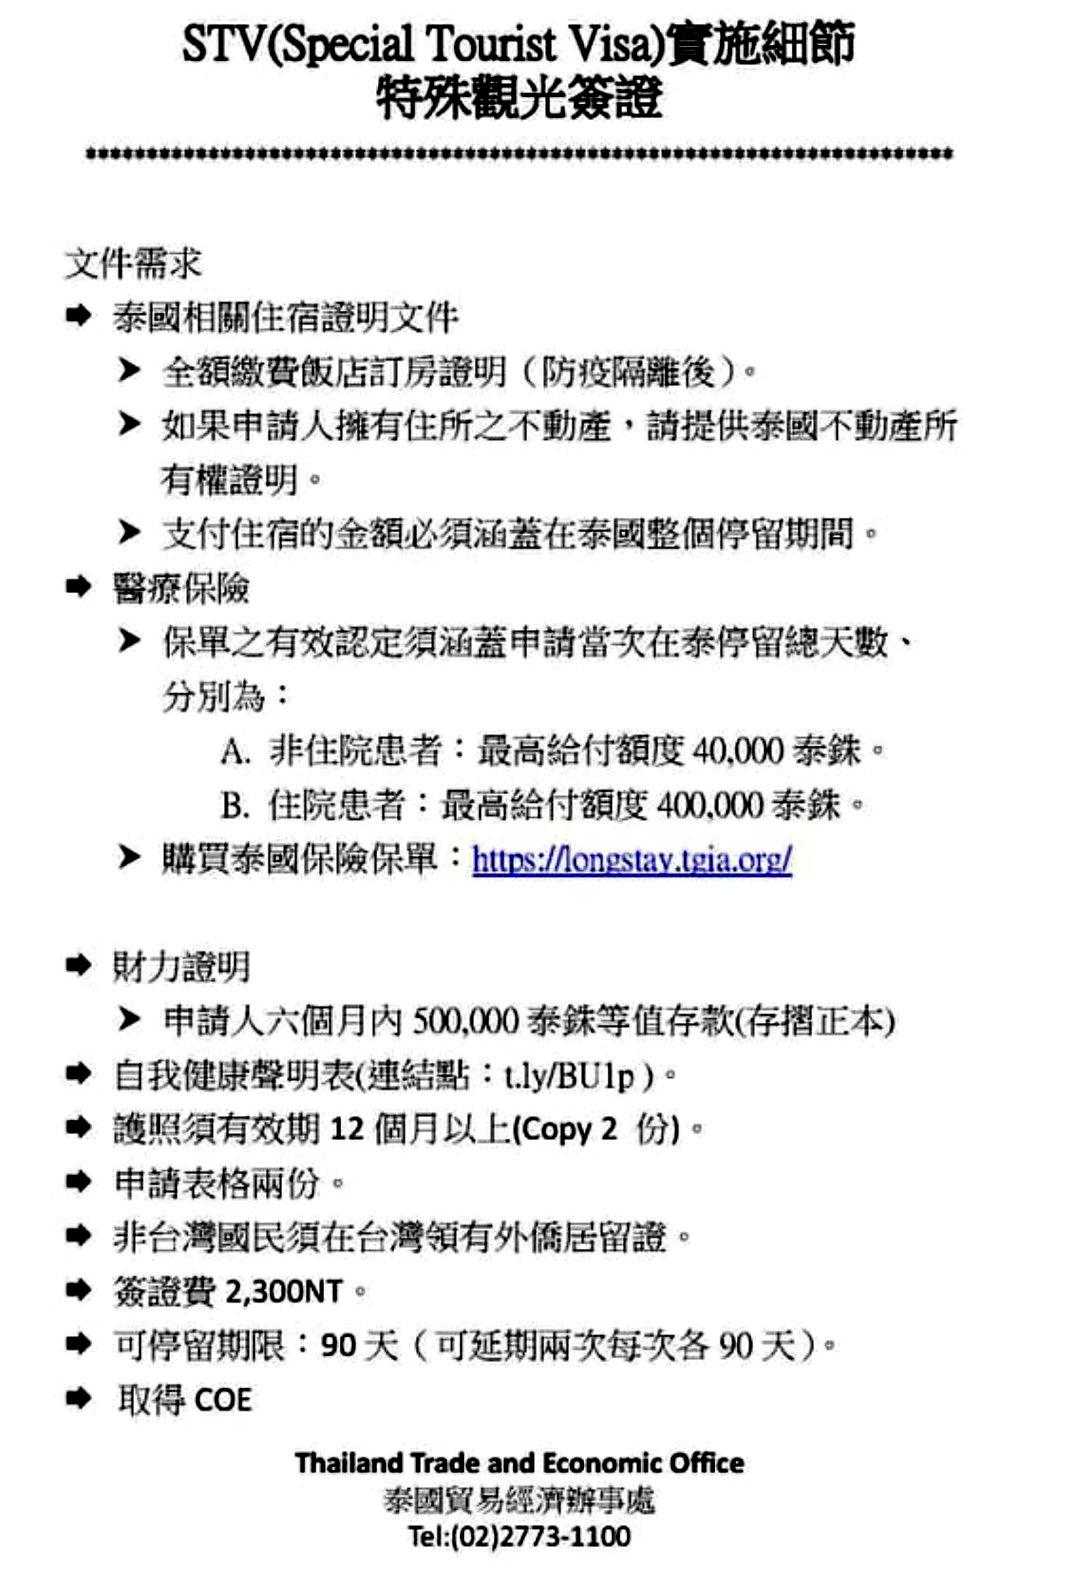 2020泰國特殊觀光簽證實施細節.jpg